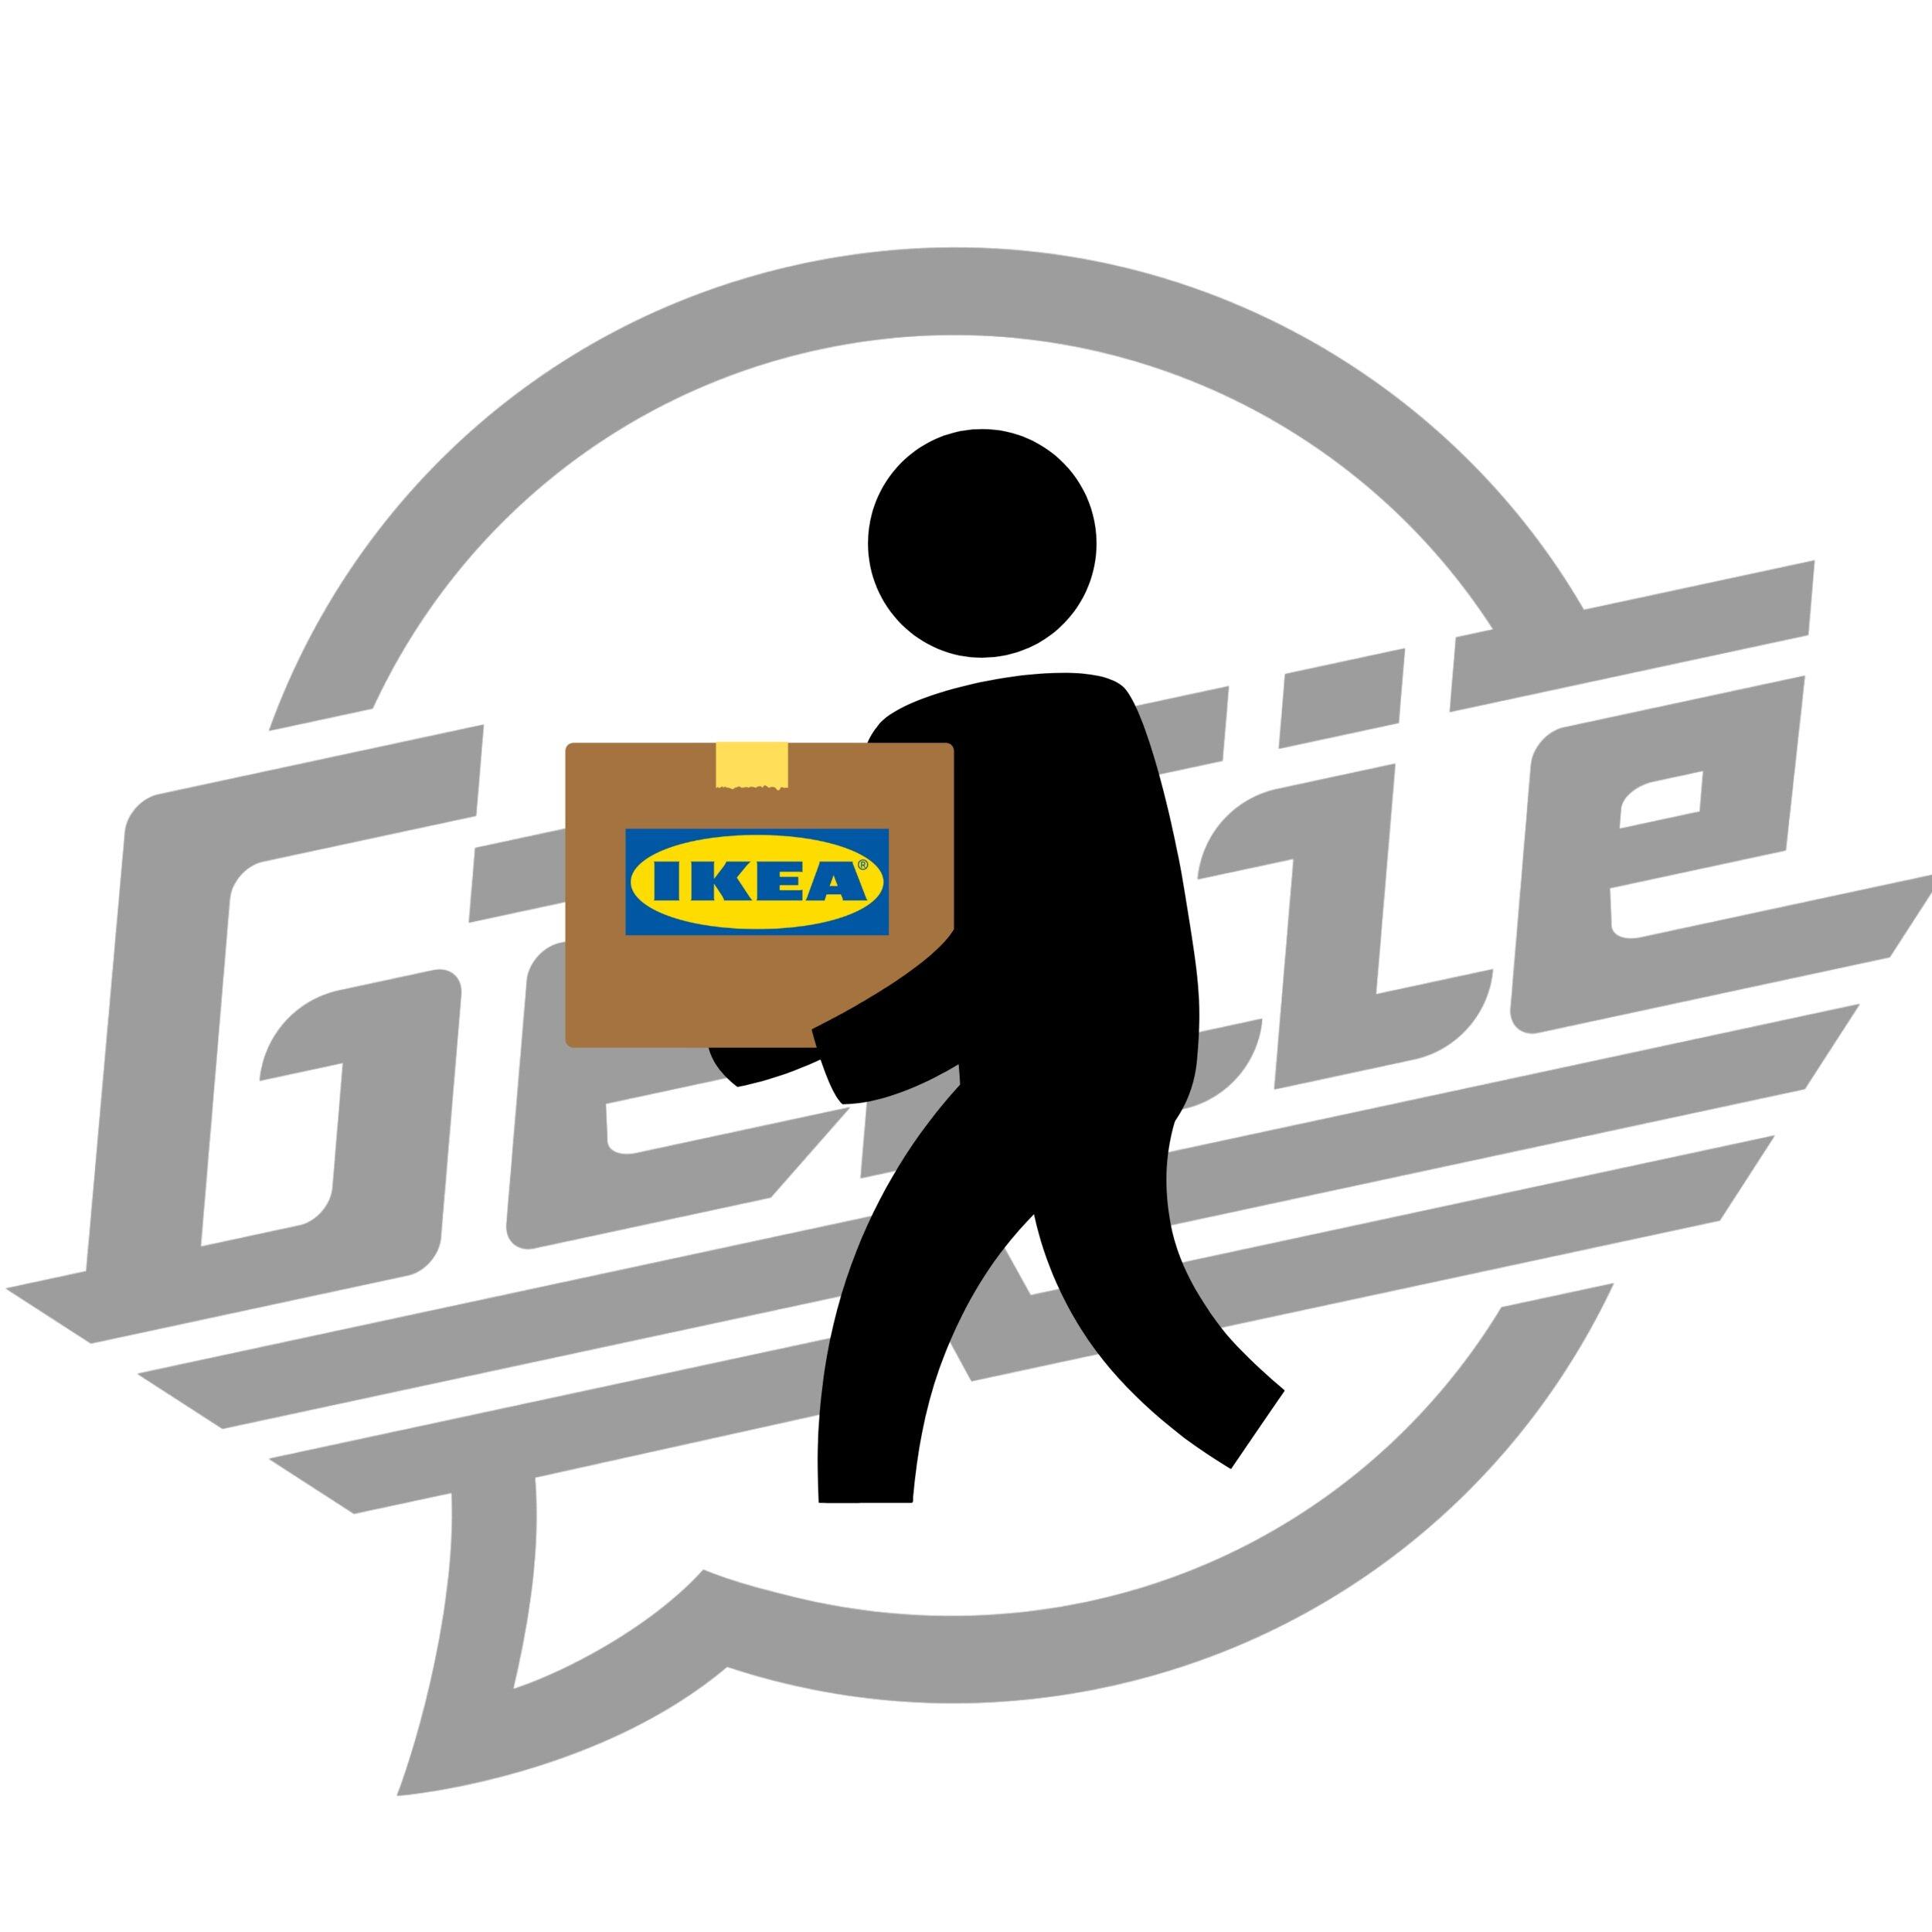 Genie Ikea